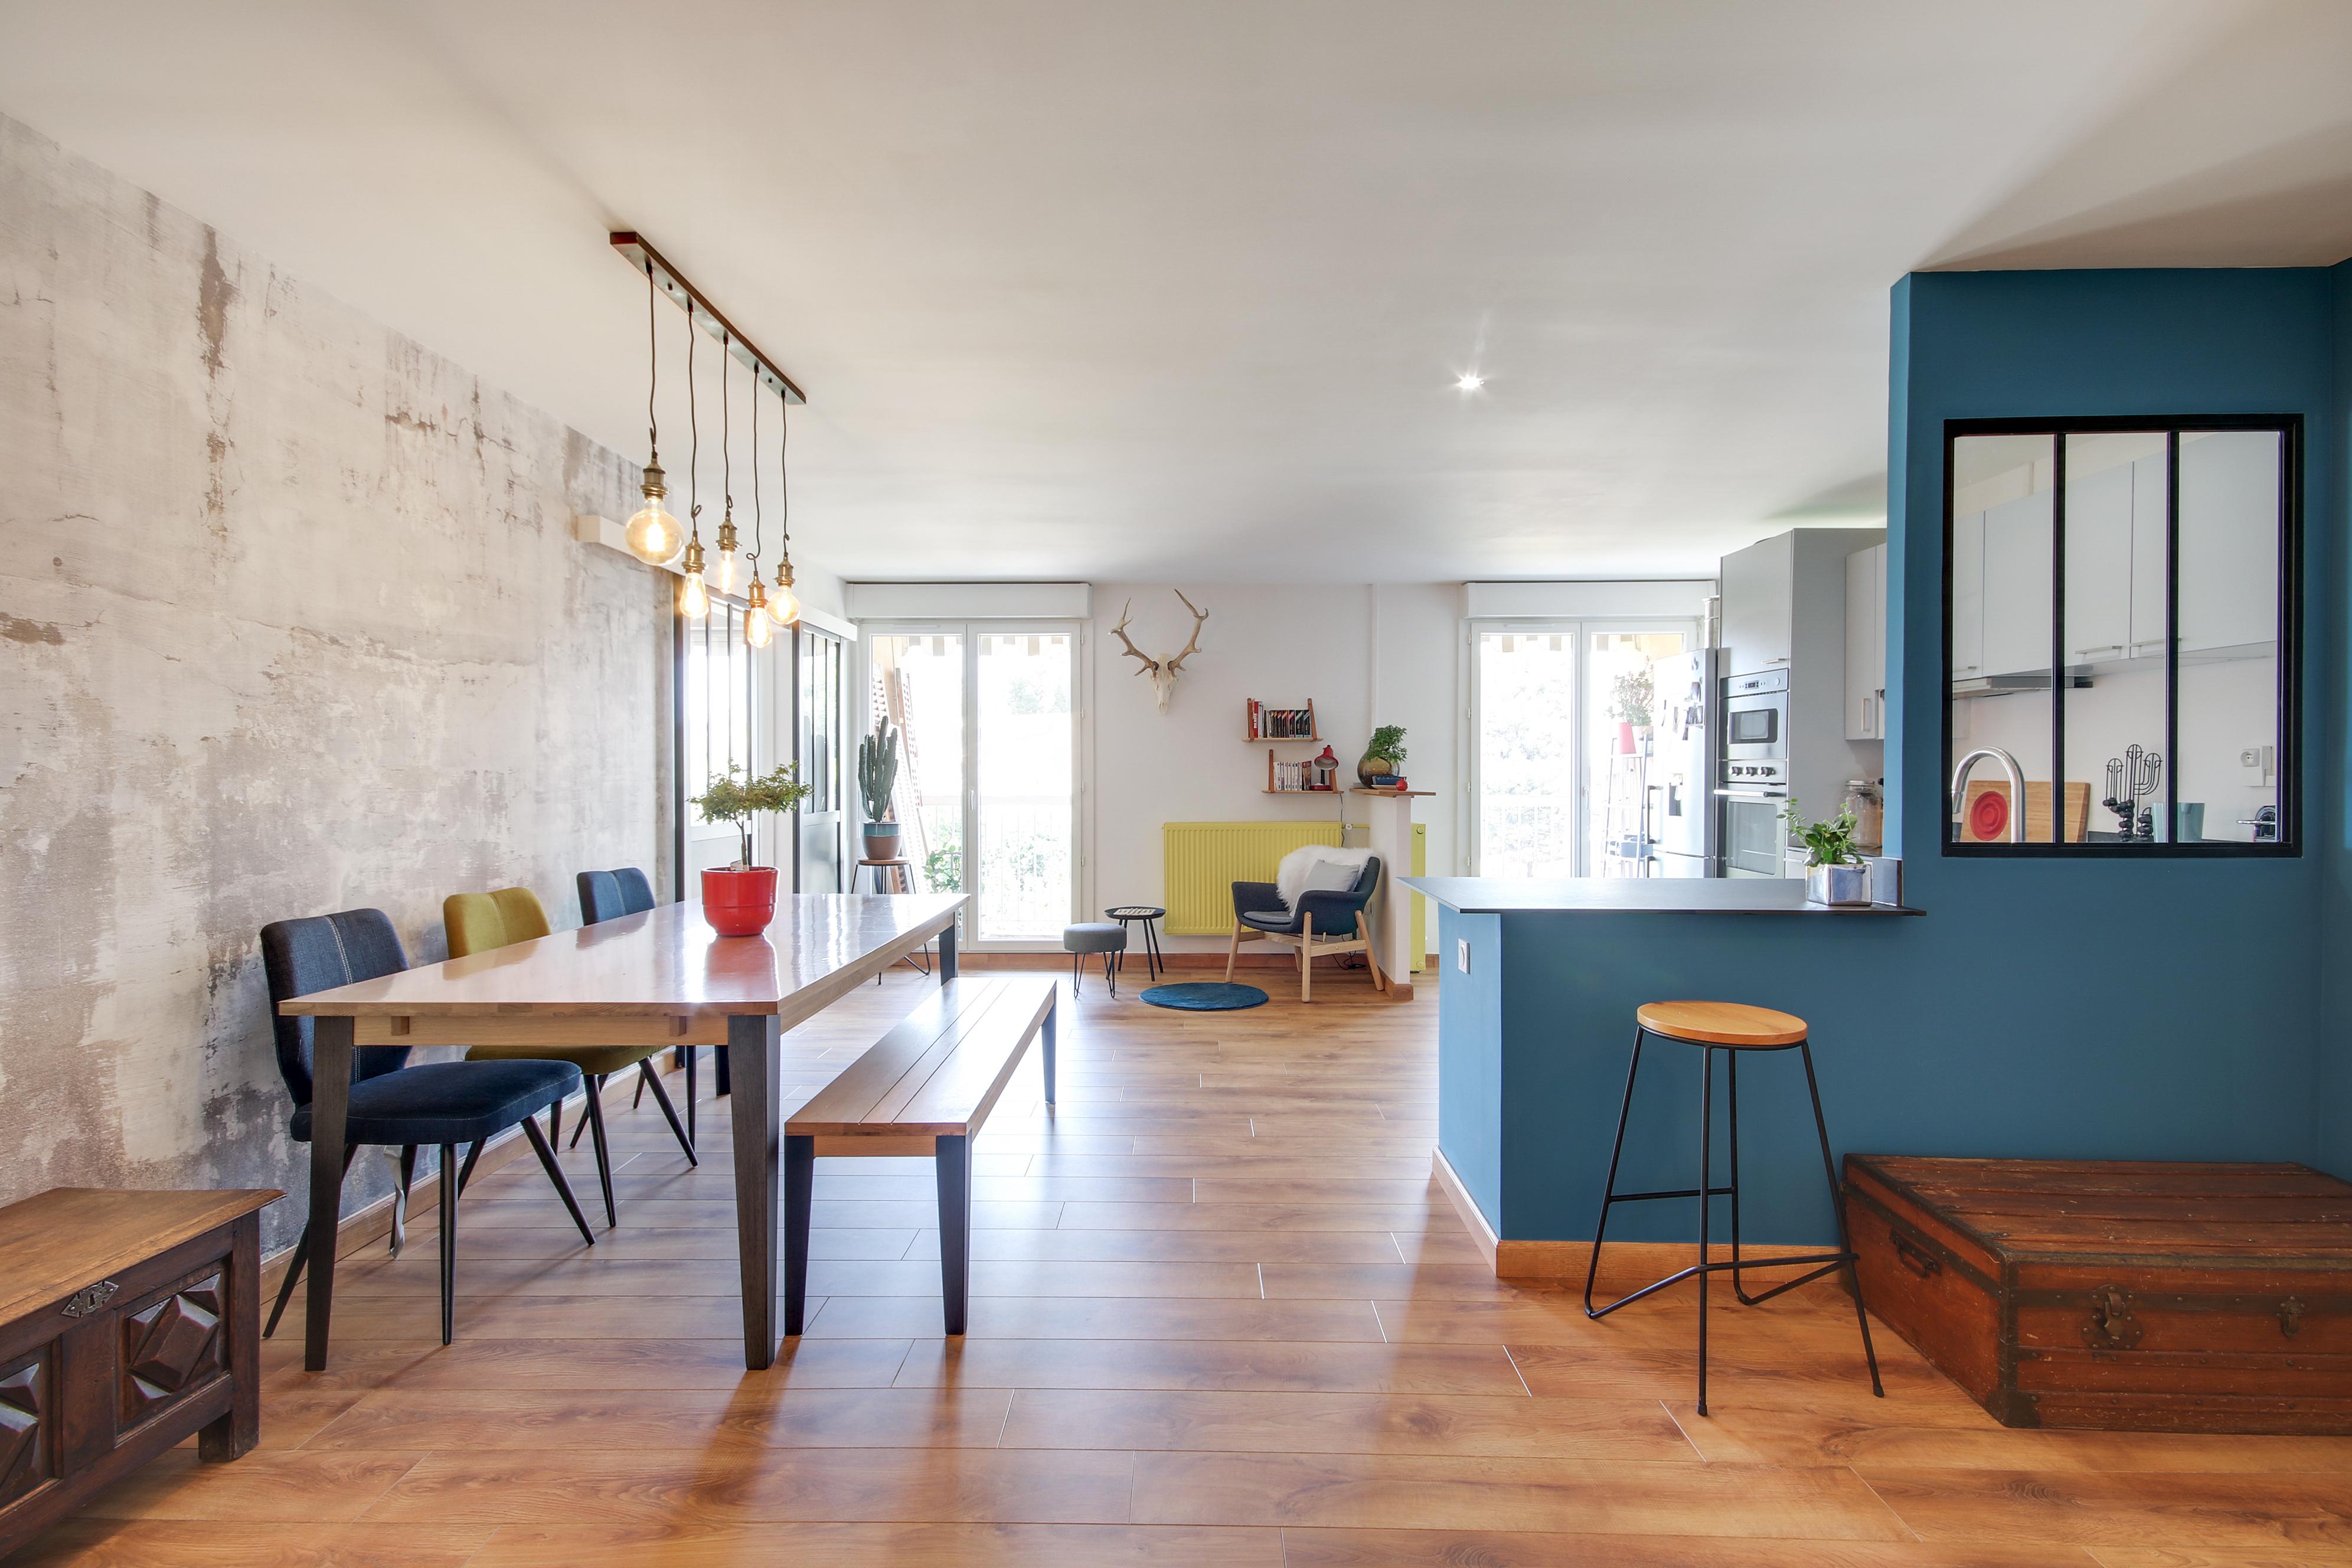 Agence Design Industriel Marseille architecte d'intérieur marseille mrc rénovation appartement